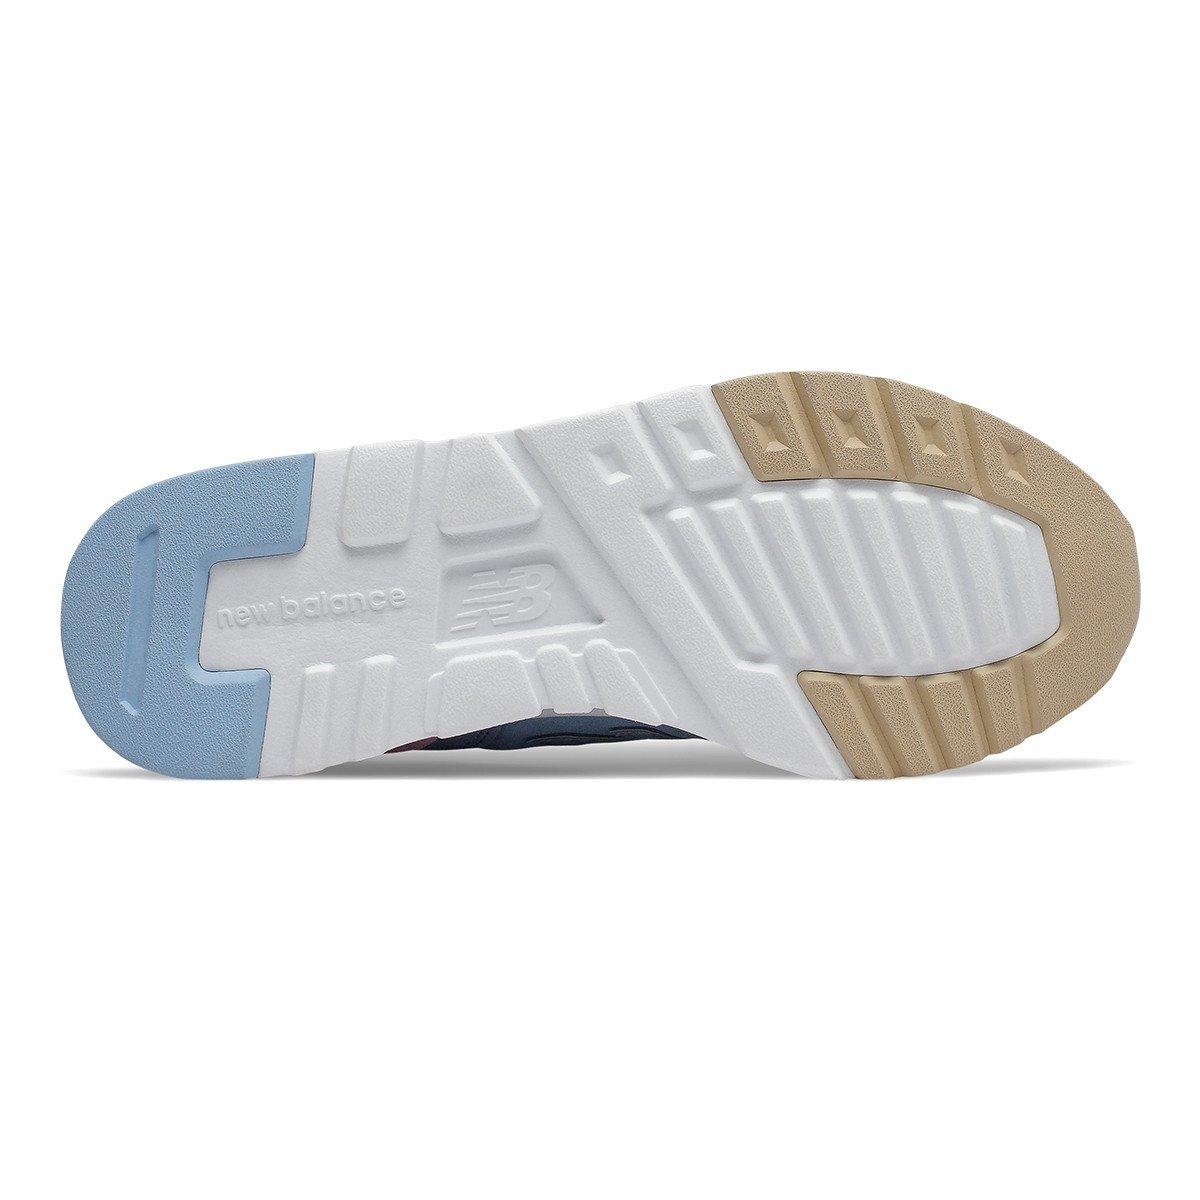 grand choix de 3917e 94ead Baskets New Balance 997 bleu - Brentiny Paris